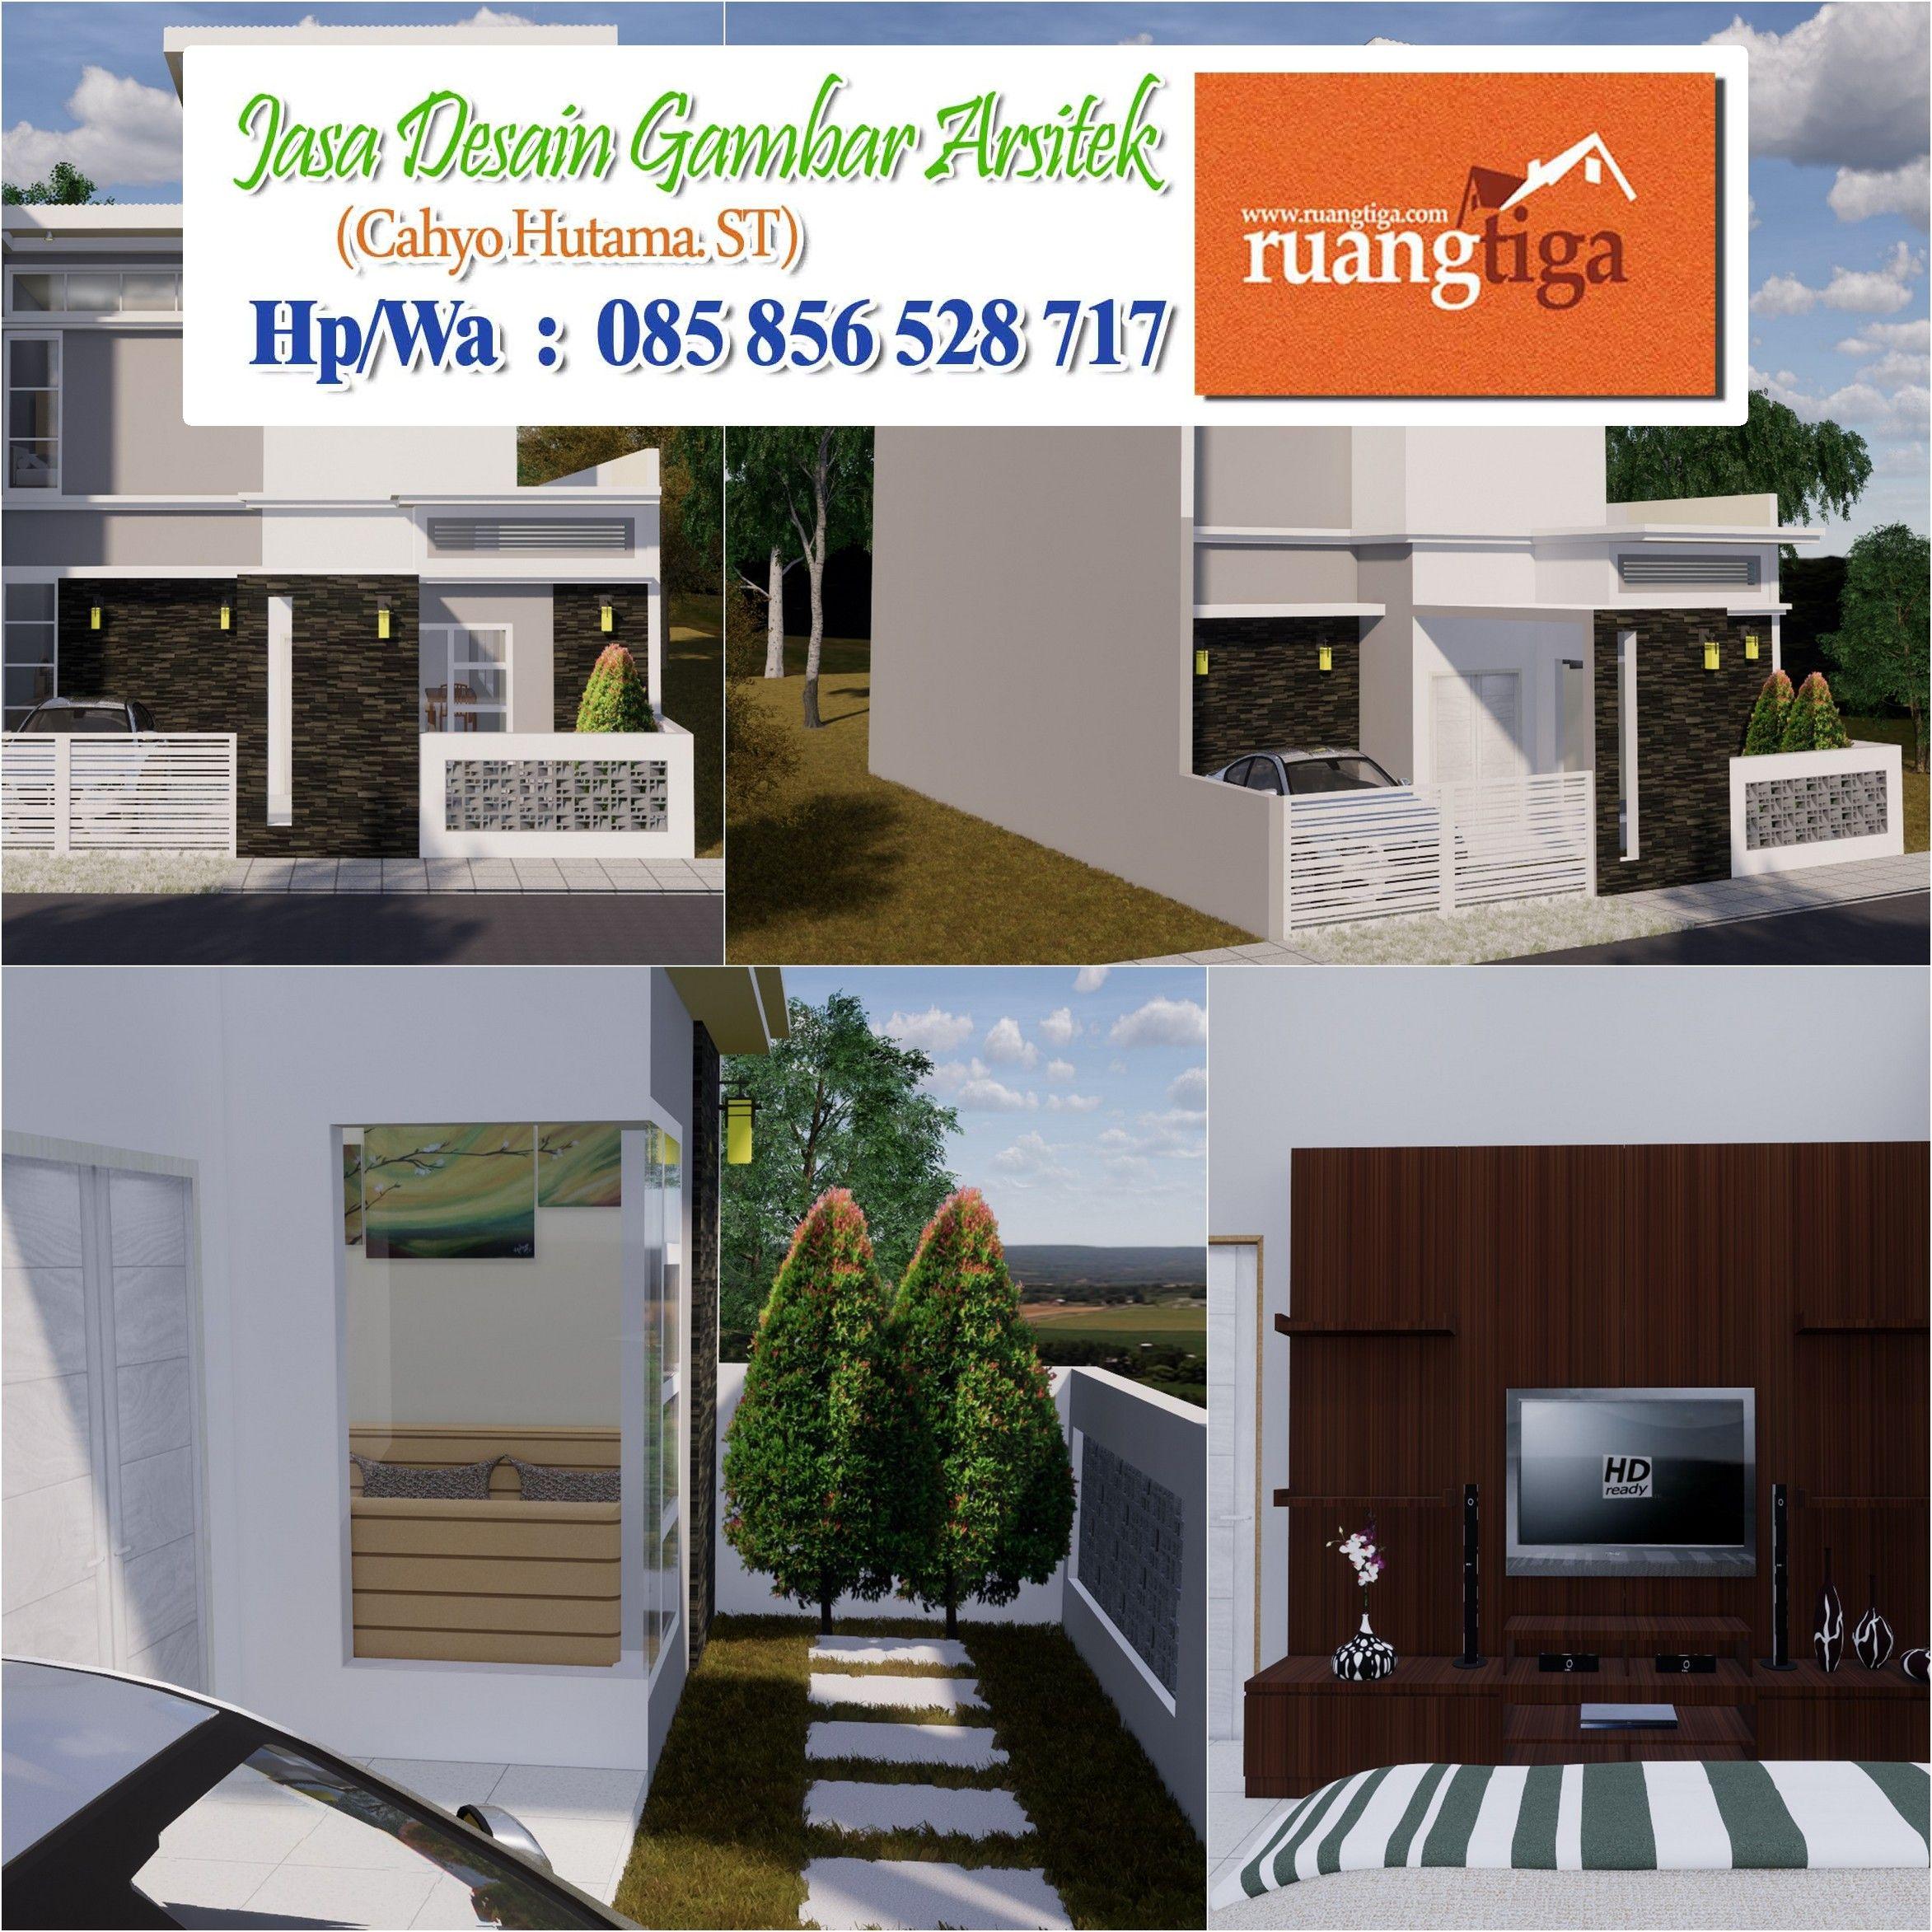 085856528717 Jasa Buat Gambar Rumah 3d Jasa Arsitek Rumah Bogor Jasa Arsitek Kota Banda Aceh Di 2020 Arsitek Renovasi Rumah Desain